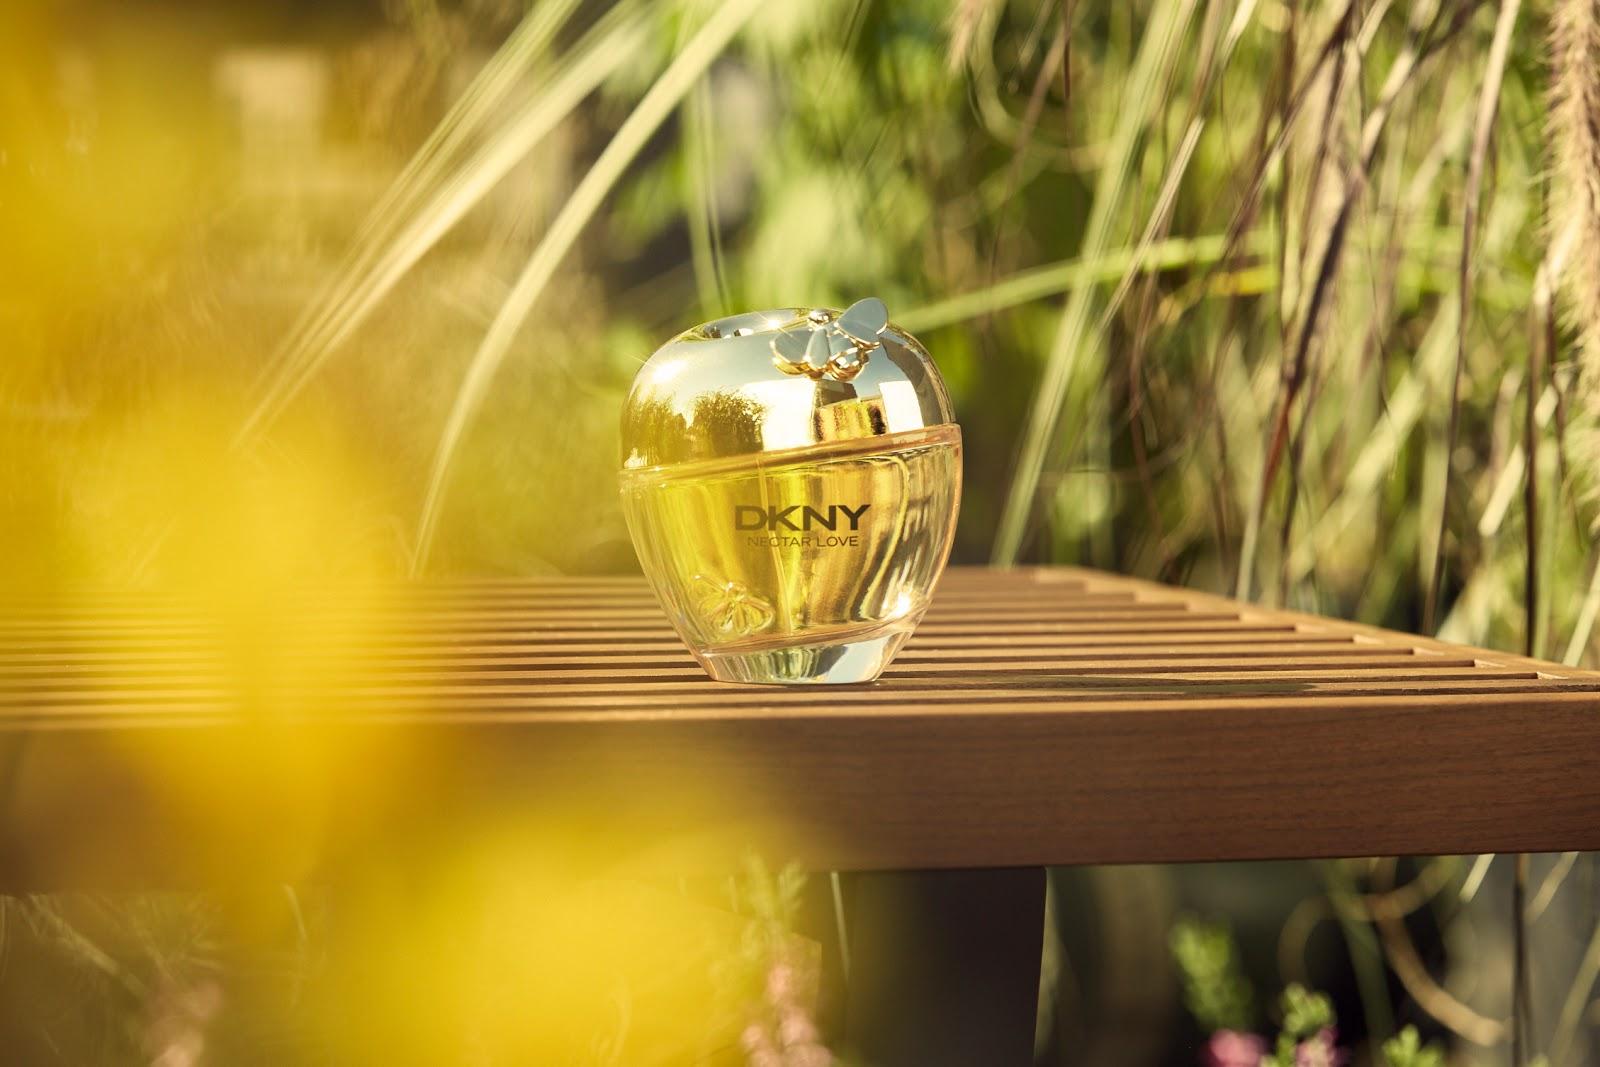 [Nicky Khánh Ngọc] Review 2 mùi nước hoa nữ nhẹ nhàng đáng yêuv